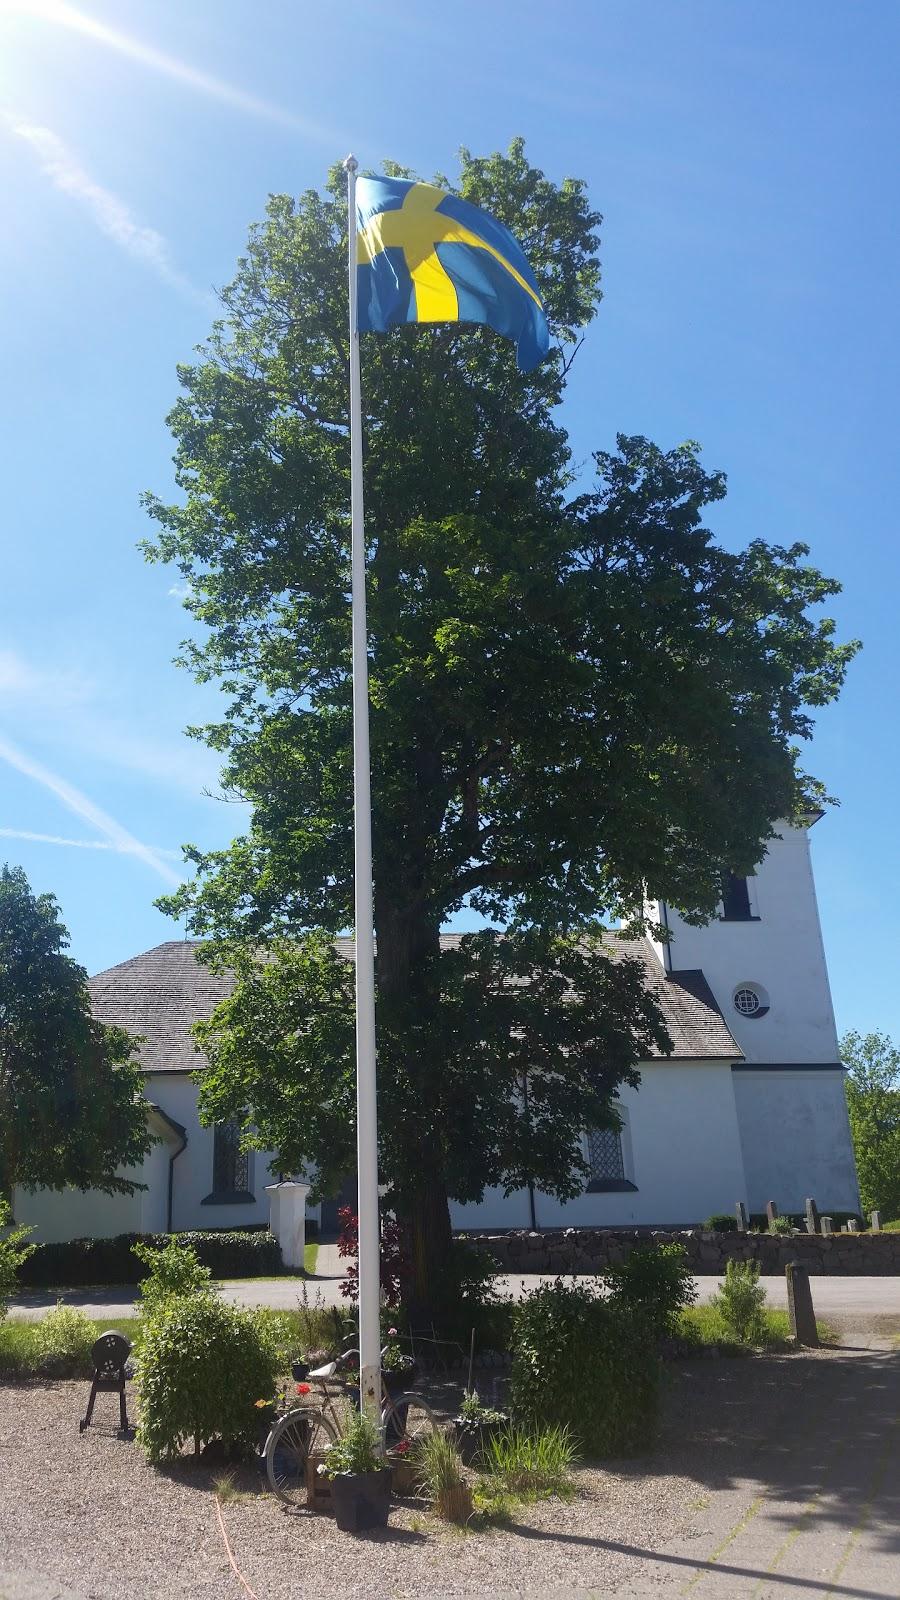 Kättilstads kyrka